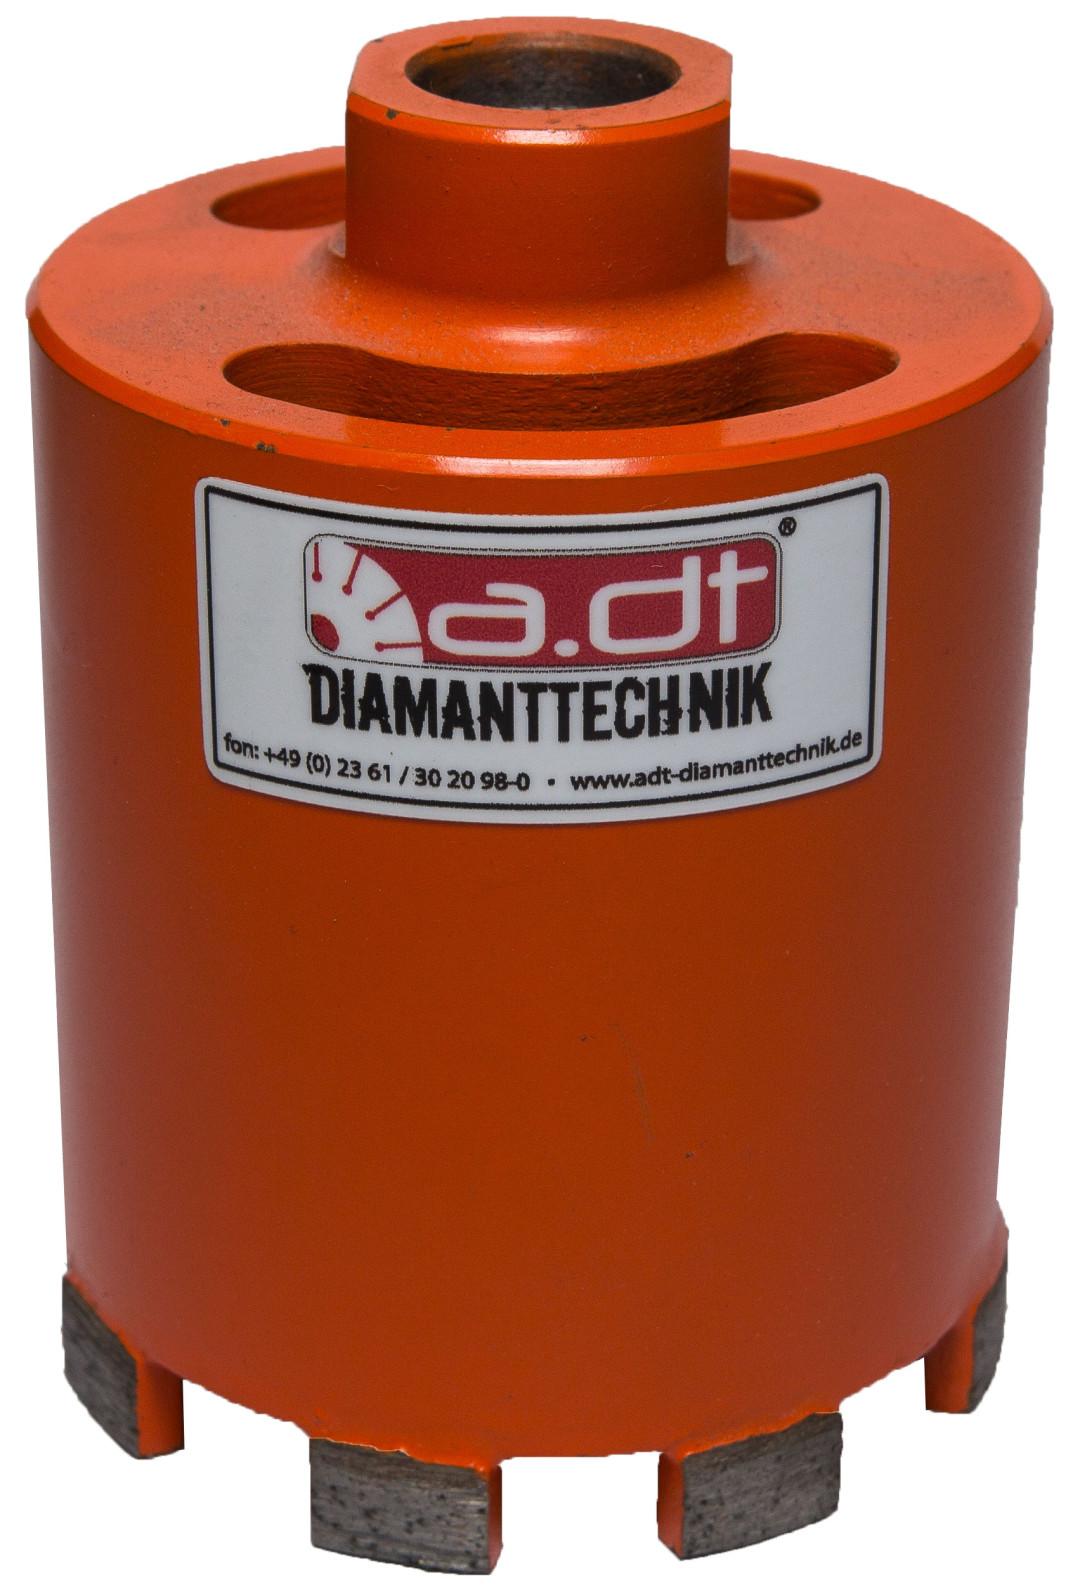 Diamant Dosenenker Dosenbohrer mit Absaugung Beton Quadrostein Klinker Ziegel Bohrmaschine M16 SDS Adapter